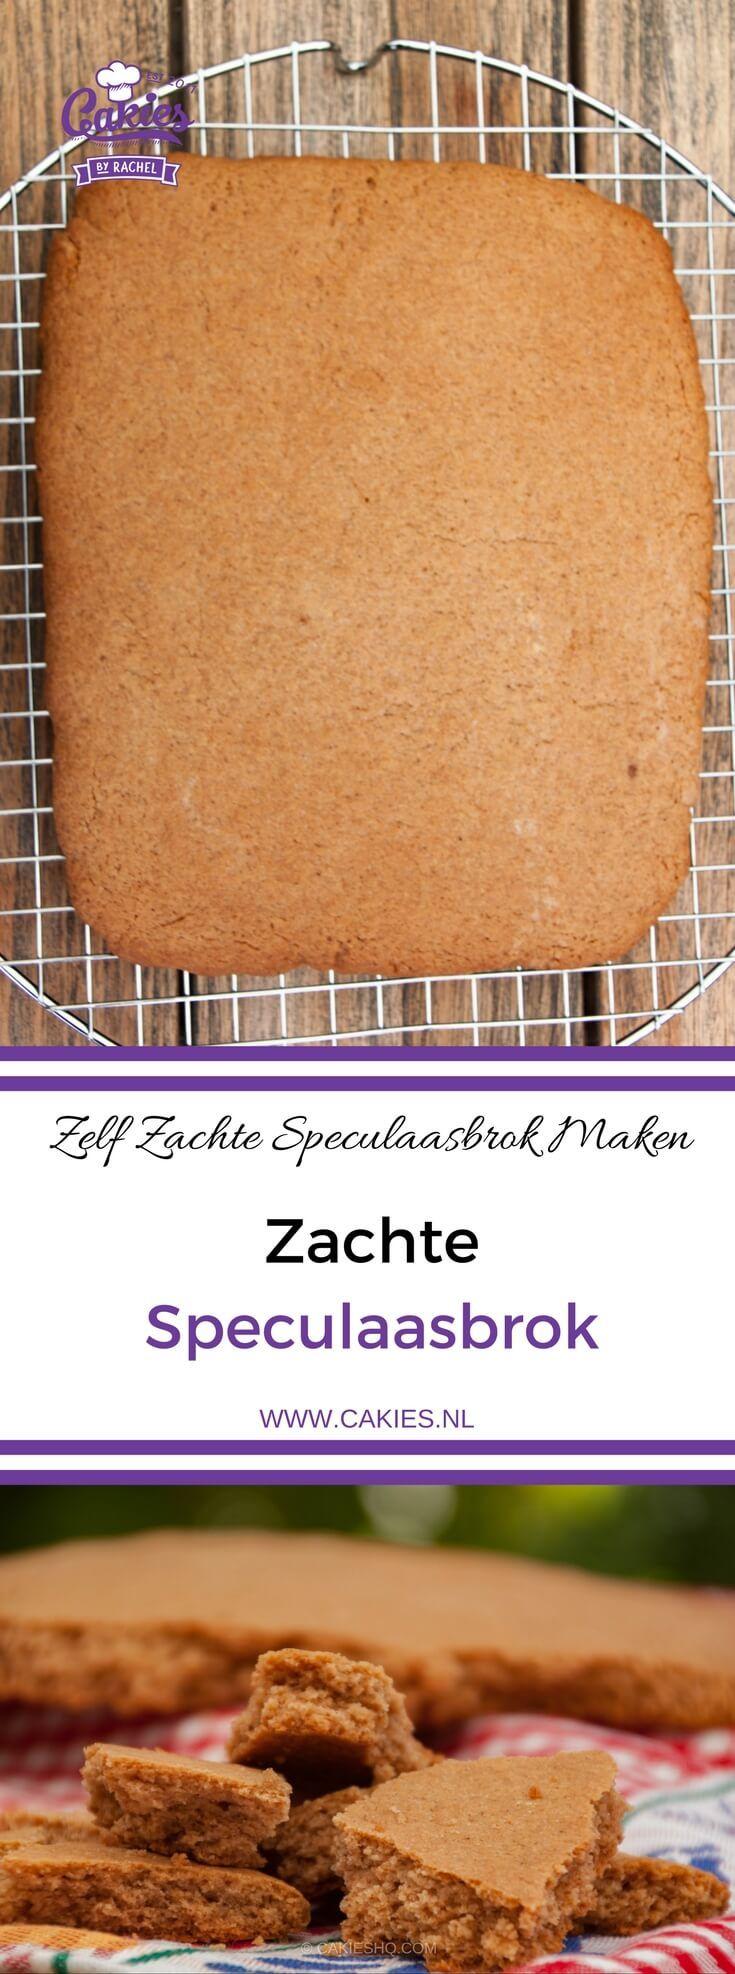 Zachte Speculaasbrok is knapperig van buiten en zacht van binnen. Een heerlijke Nederlandse streeklekkernij voor de herfst en de winter. | Veluwse Brok | Elburger Brok | Blokzijler Brok #speculaas #recept #recepten